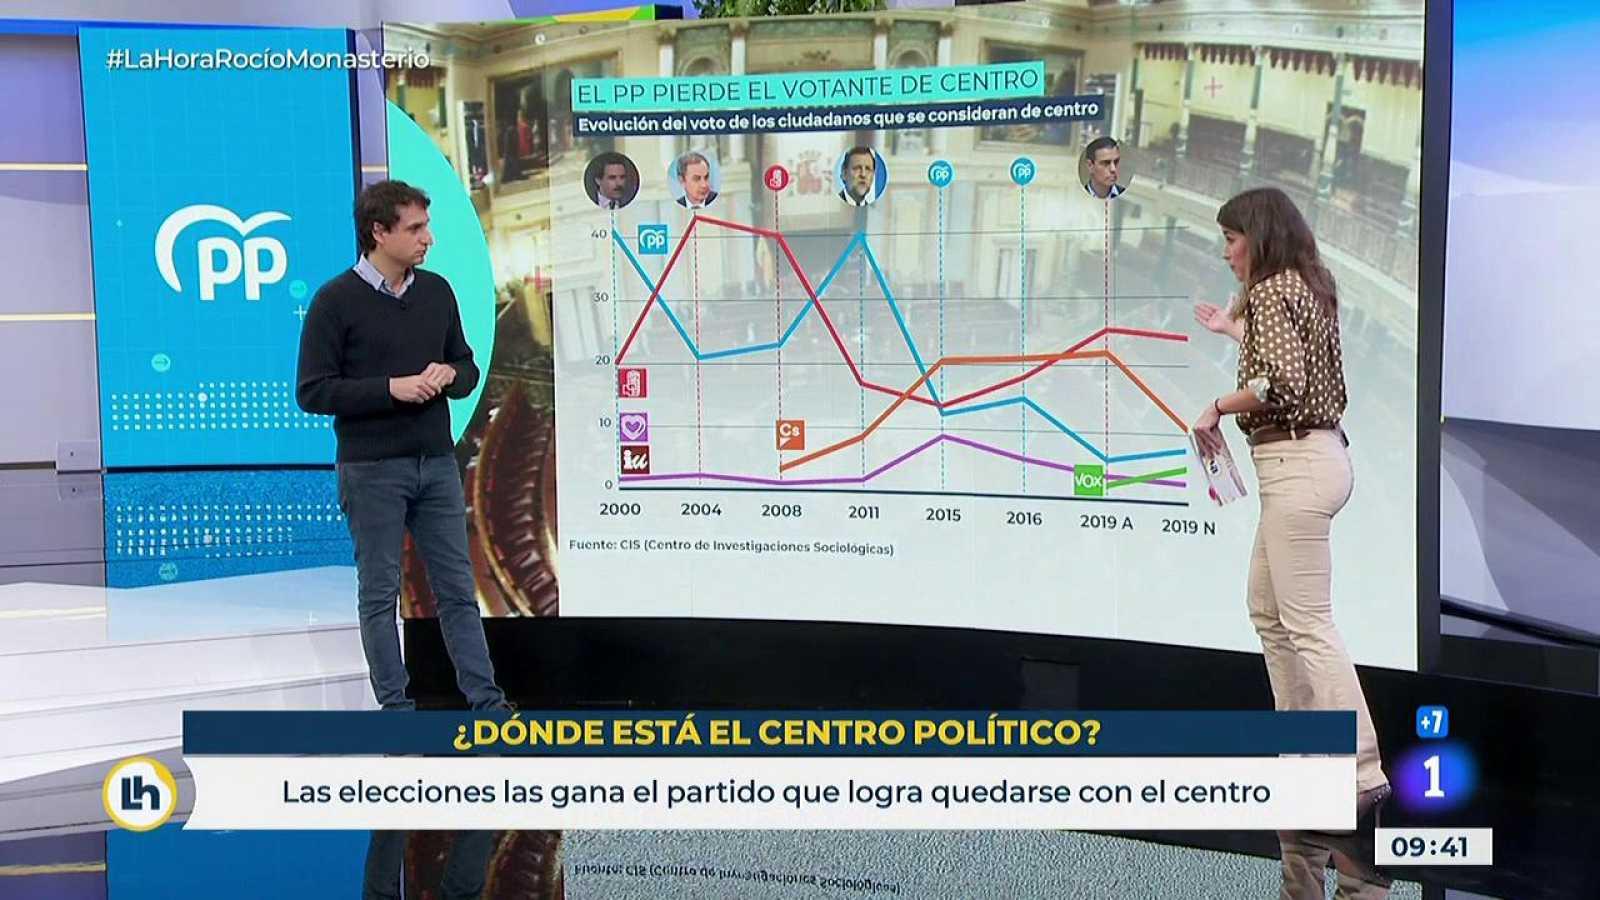 El análisis de Lluís Orriols del centro político en España